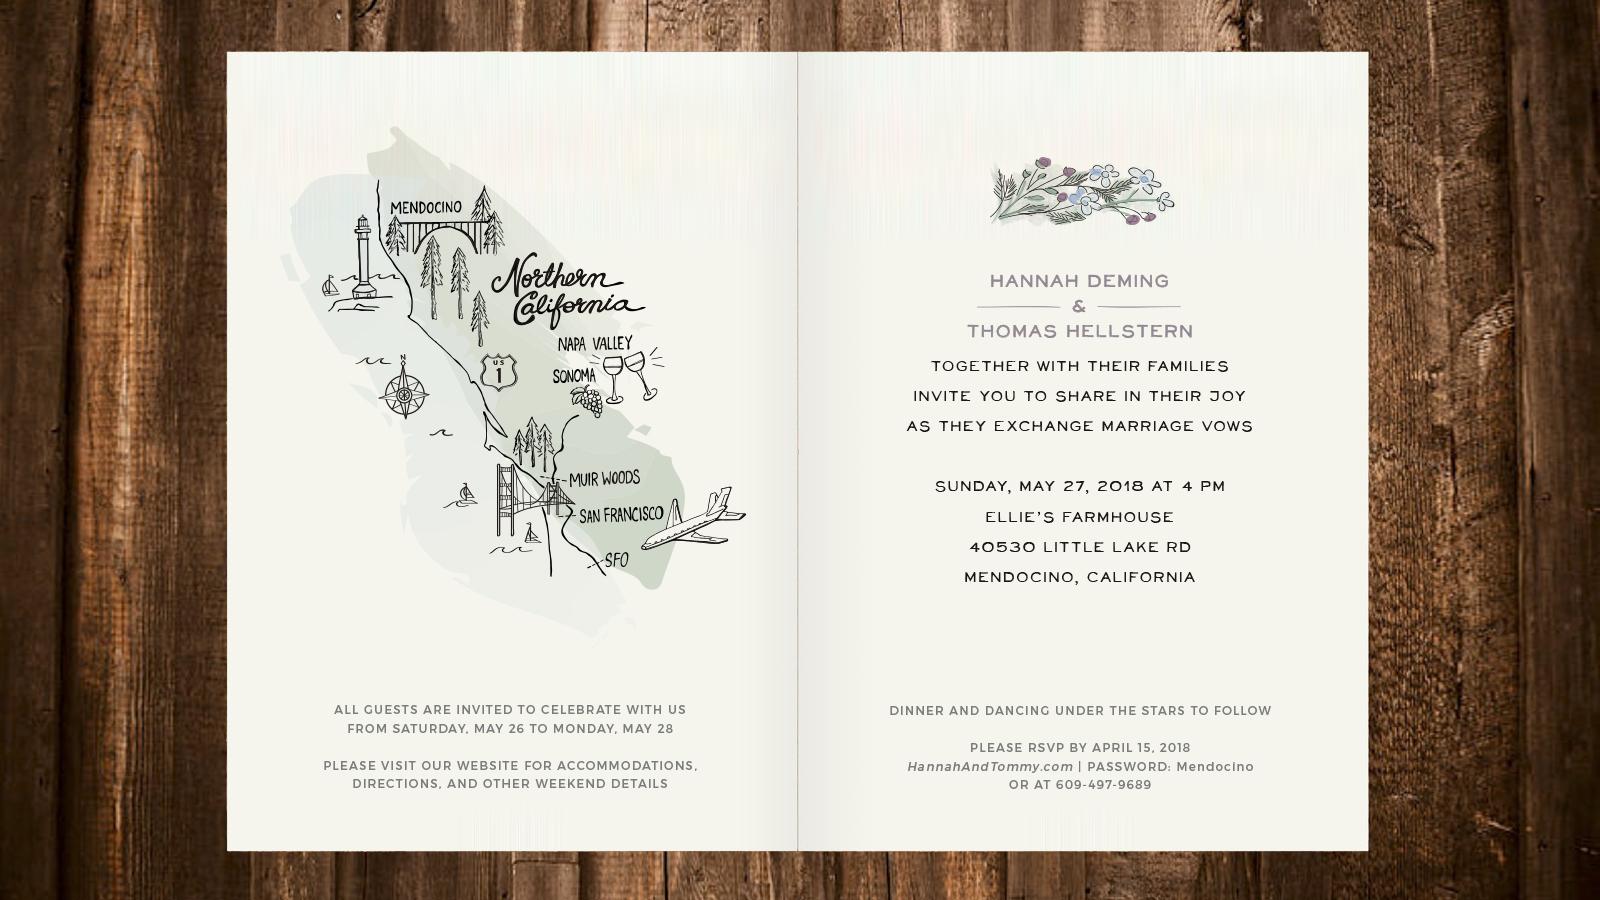 H&T-wood-table-invite1.jpg